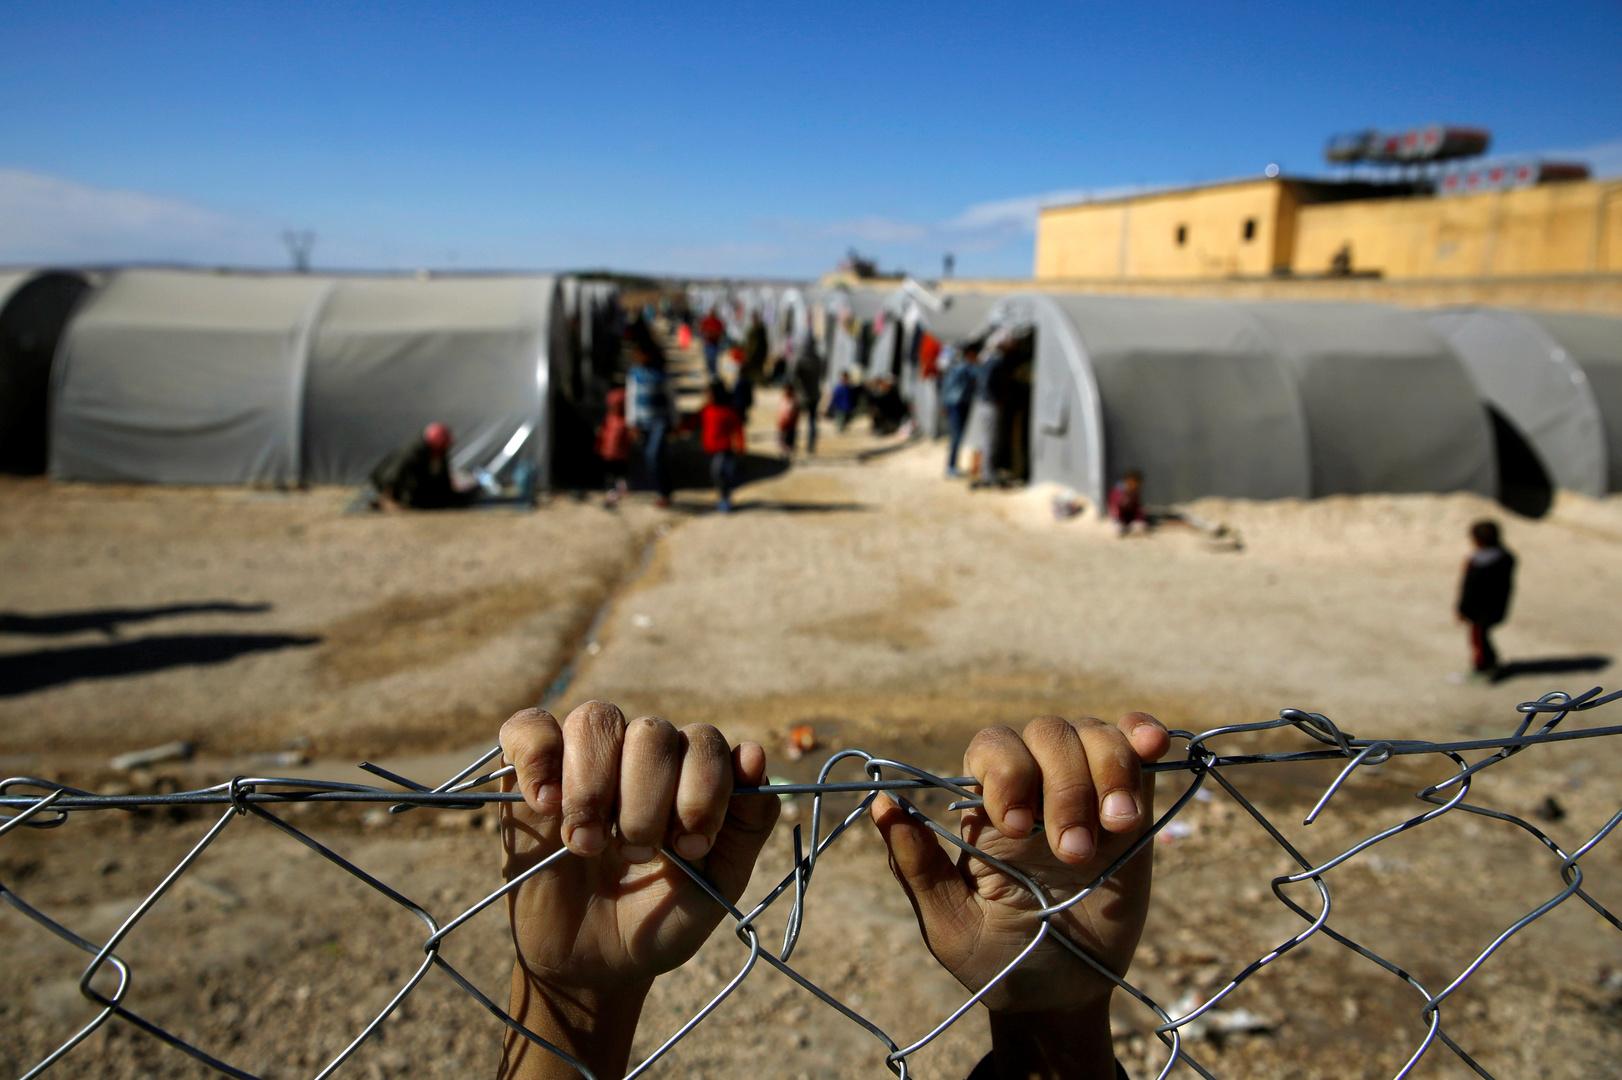 مخيم للاجئين السوريين - صورة أرشيفية